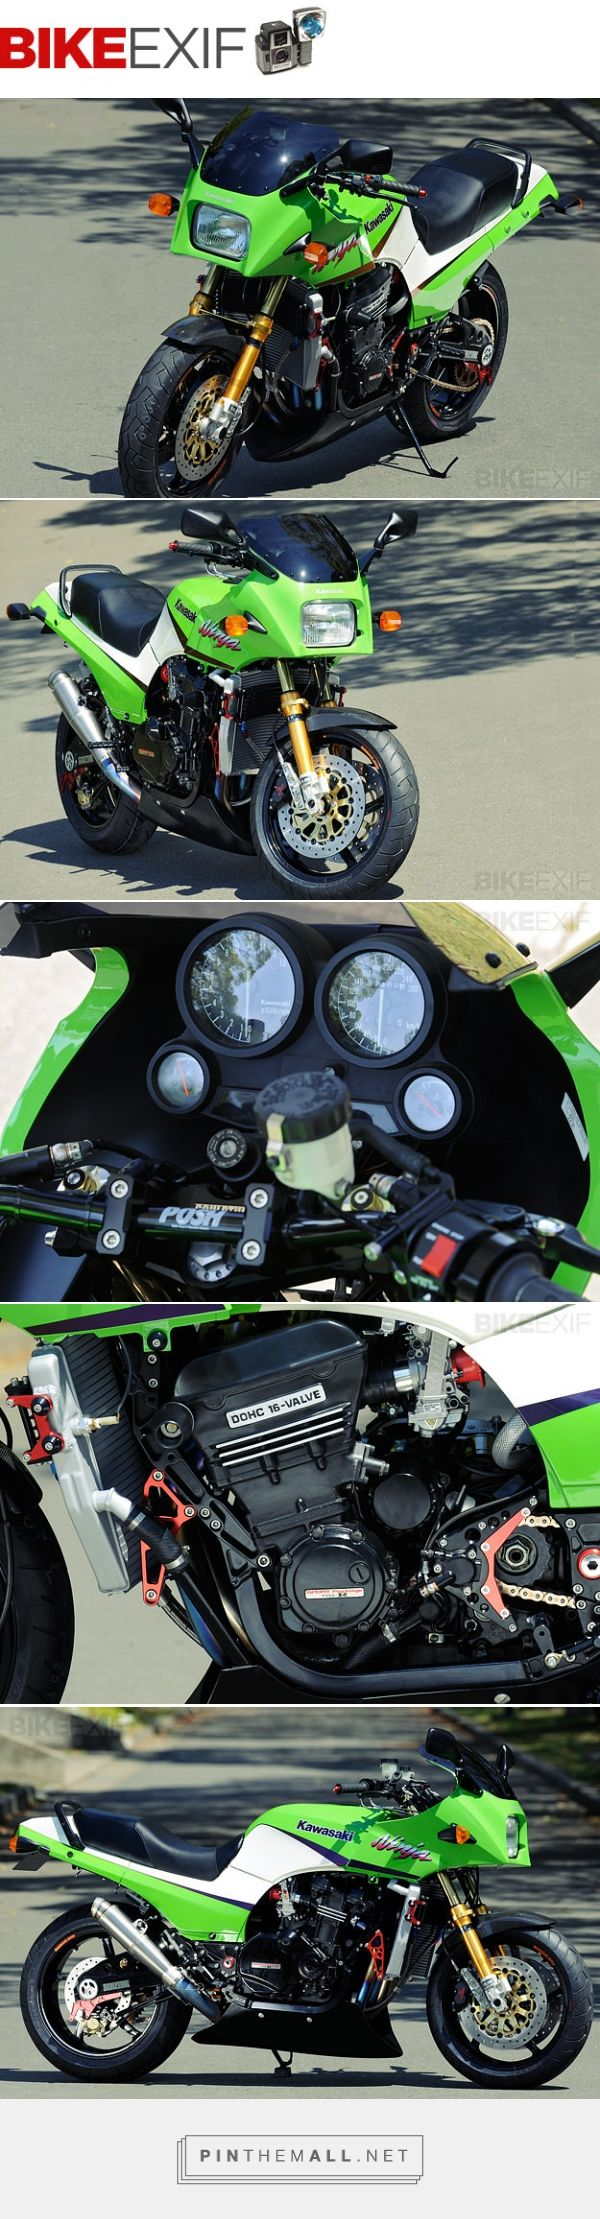 Kawasaki GPz900R by AC Sanctuary | Bike EXIF